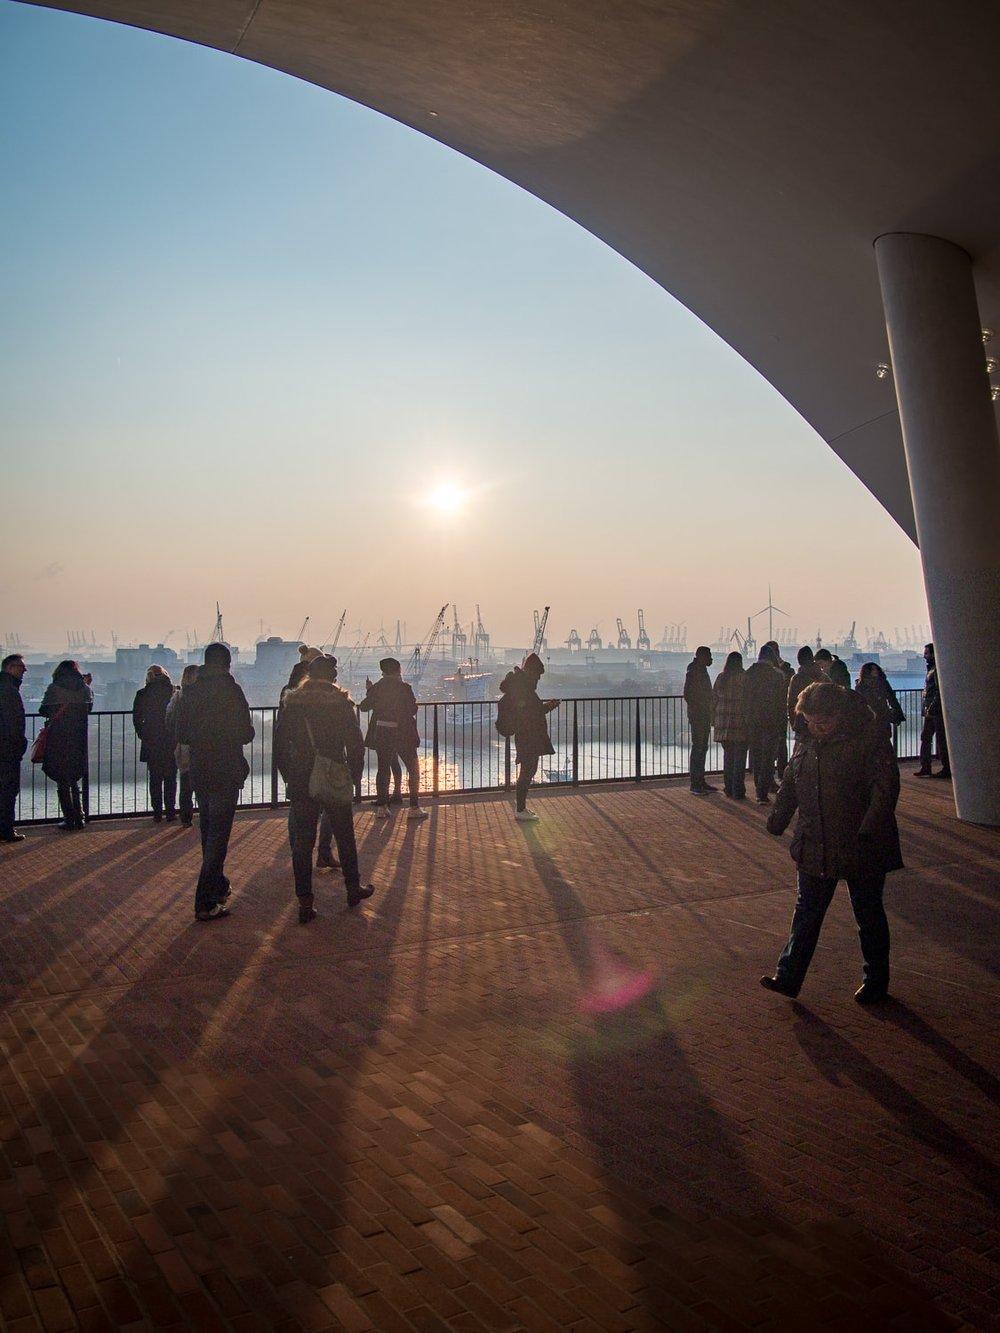 02.12.16.22.29 - Elbphilharmonie.jpg